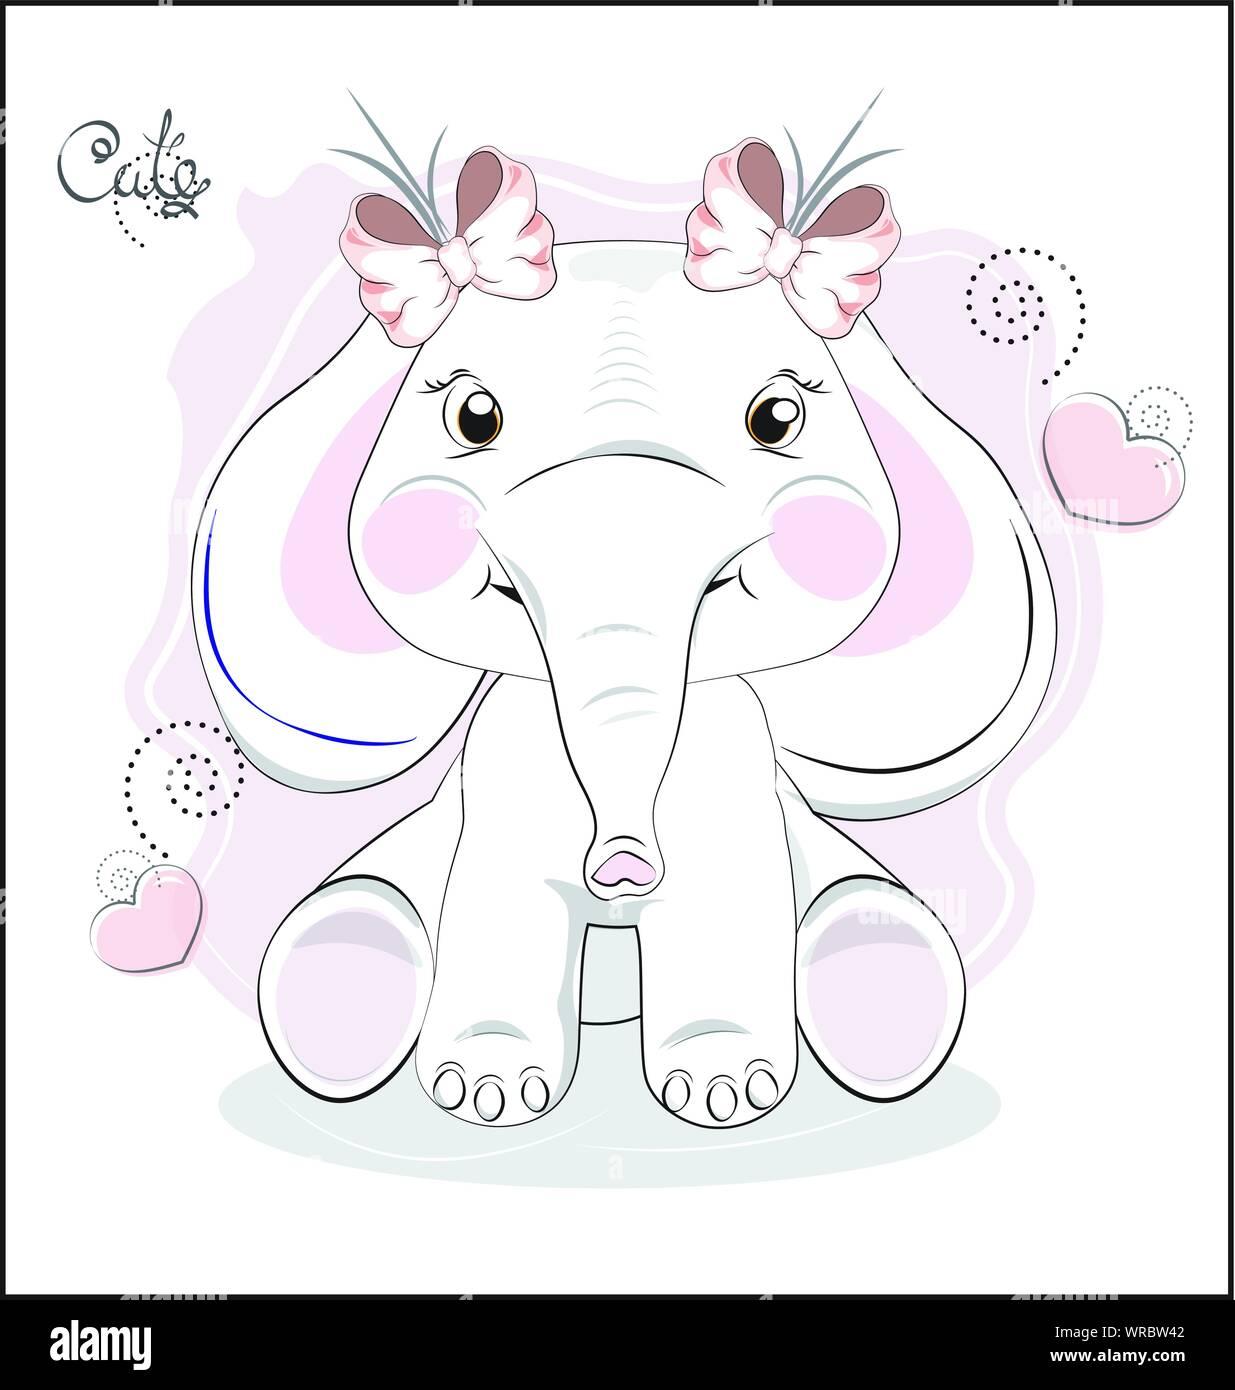 El Precioso Bebé Elefante Dibujado En La Pantorrilla Con